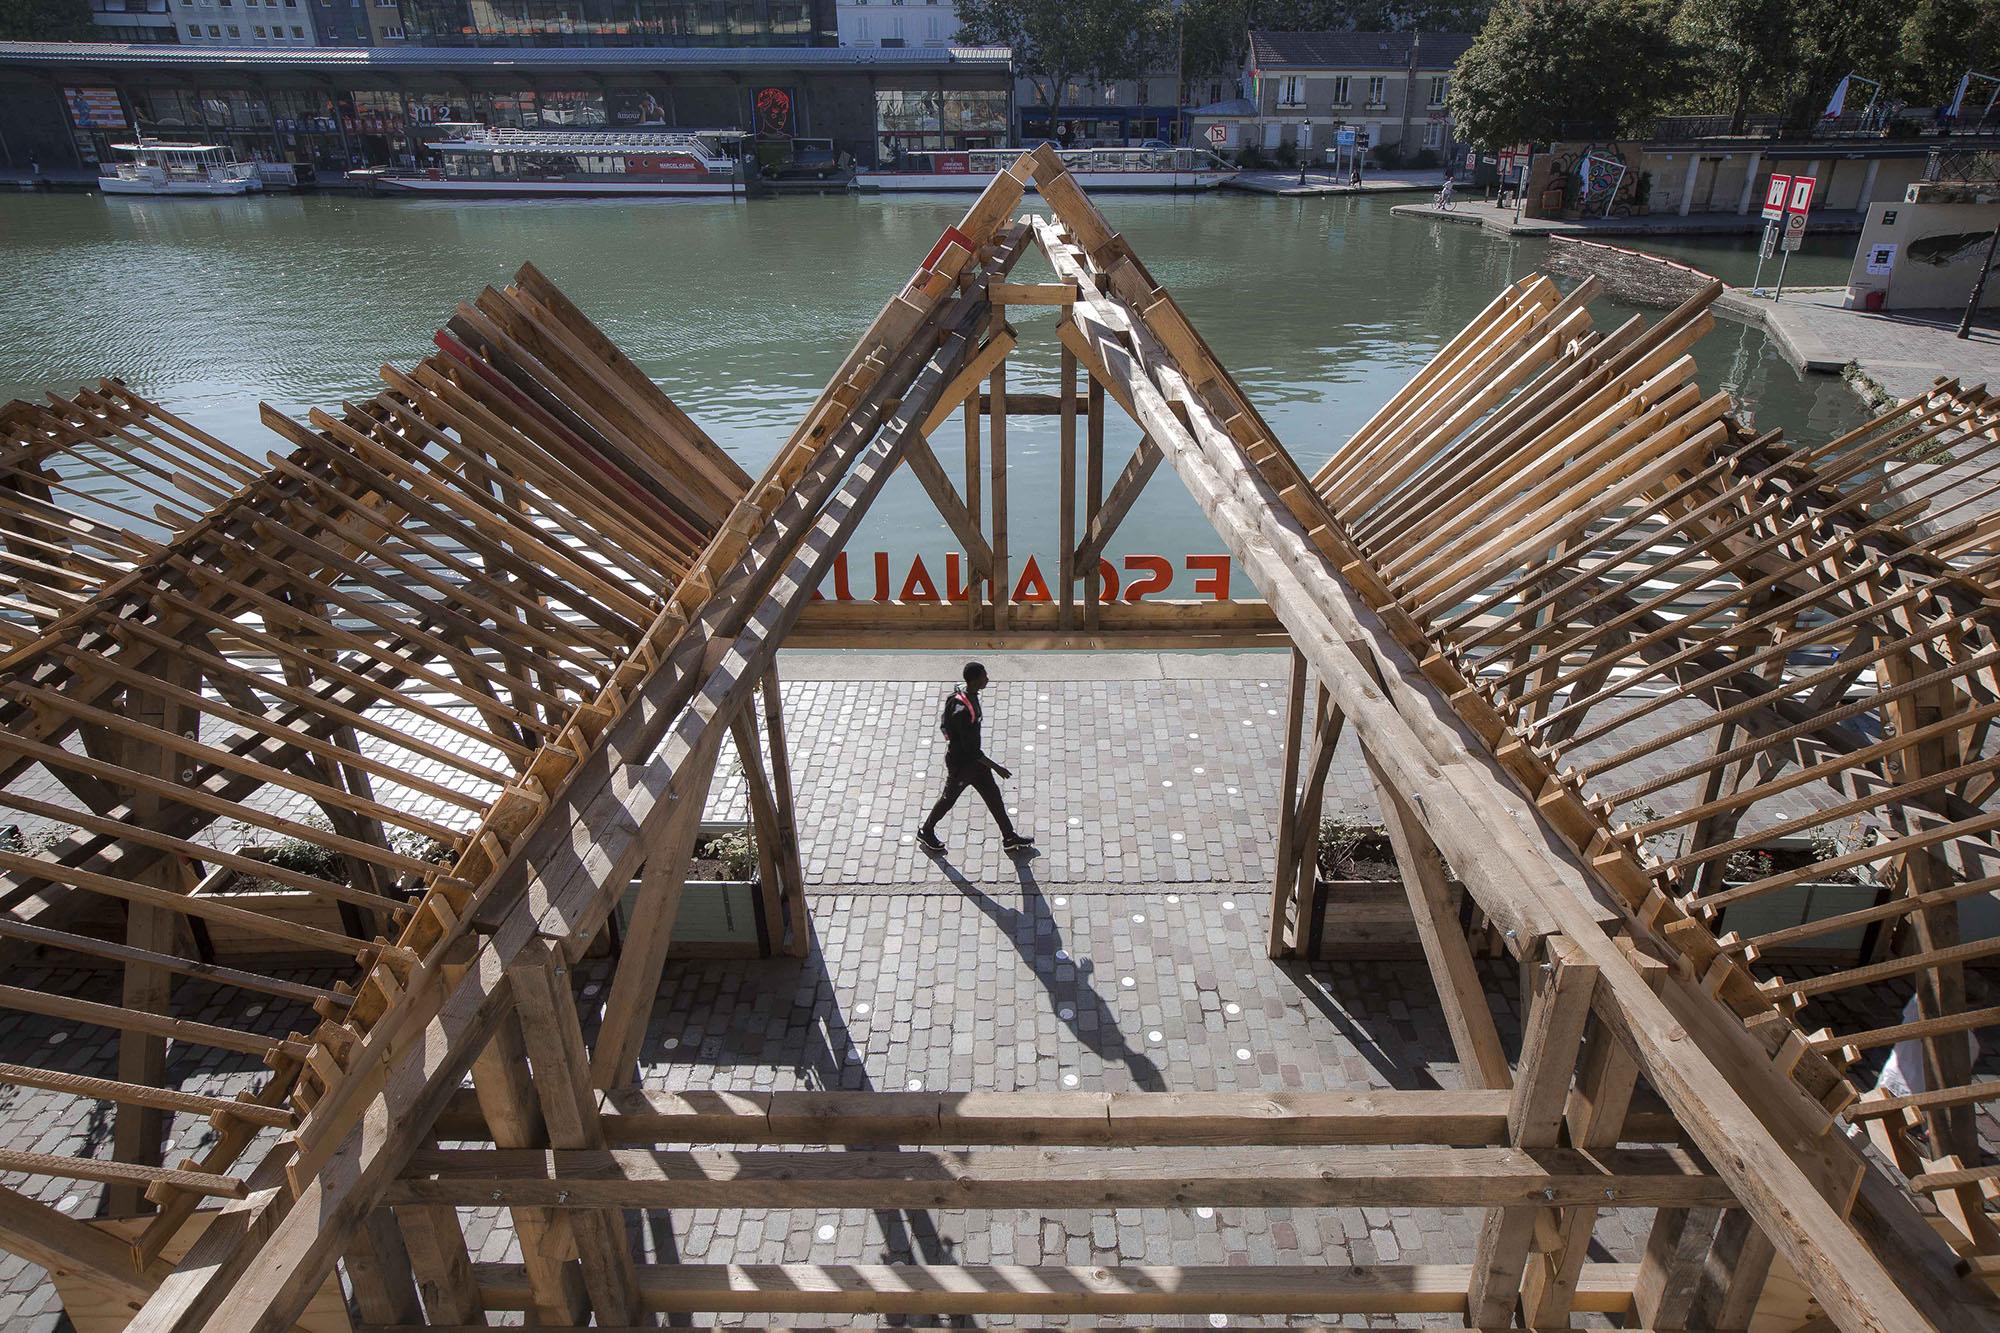 Paris Les canaux